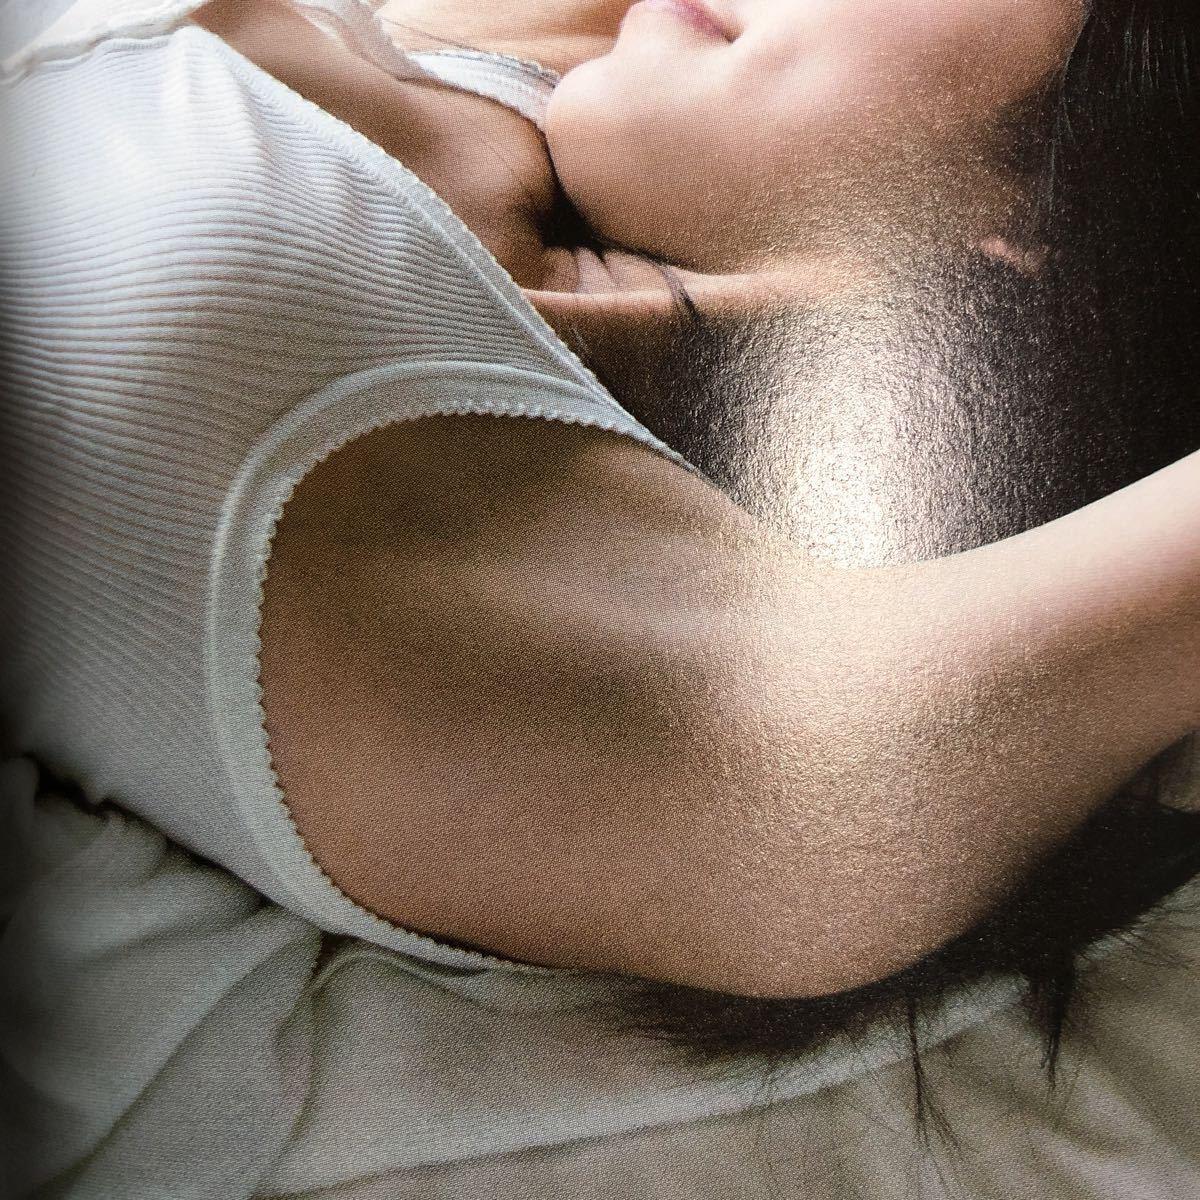 松井珠理奈 ファースト写真集 Jurina 初版 特典ポスター・帯付き 美品 SKE48 制服 女子高生 アイドル 絶対領域 水着 下着 美乳 美脚 美尻_画像1